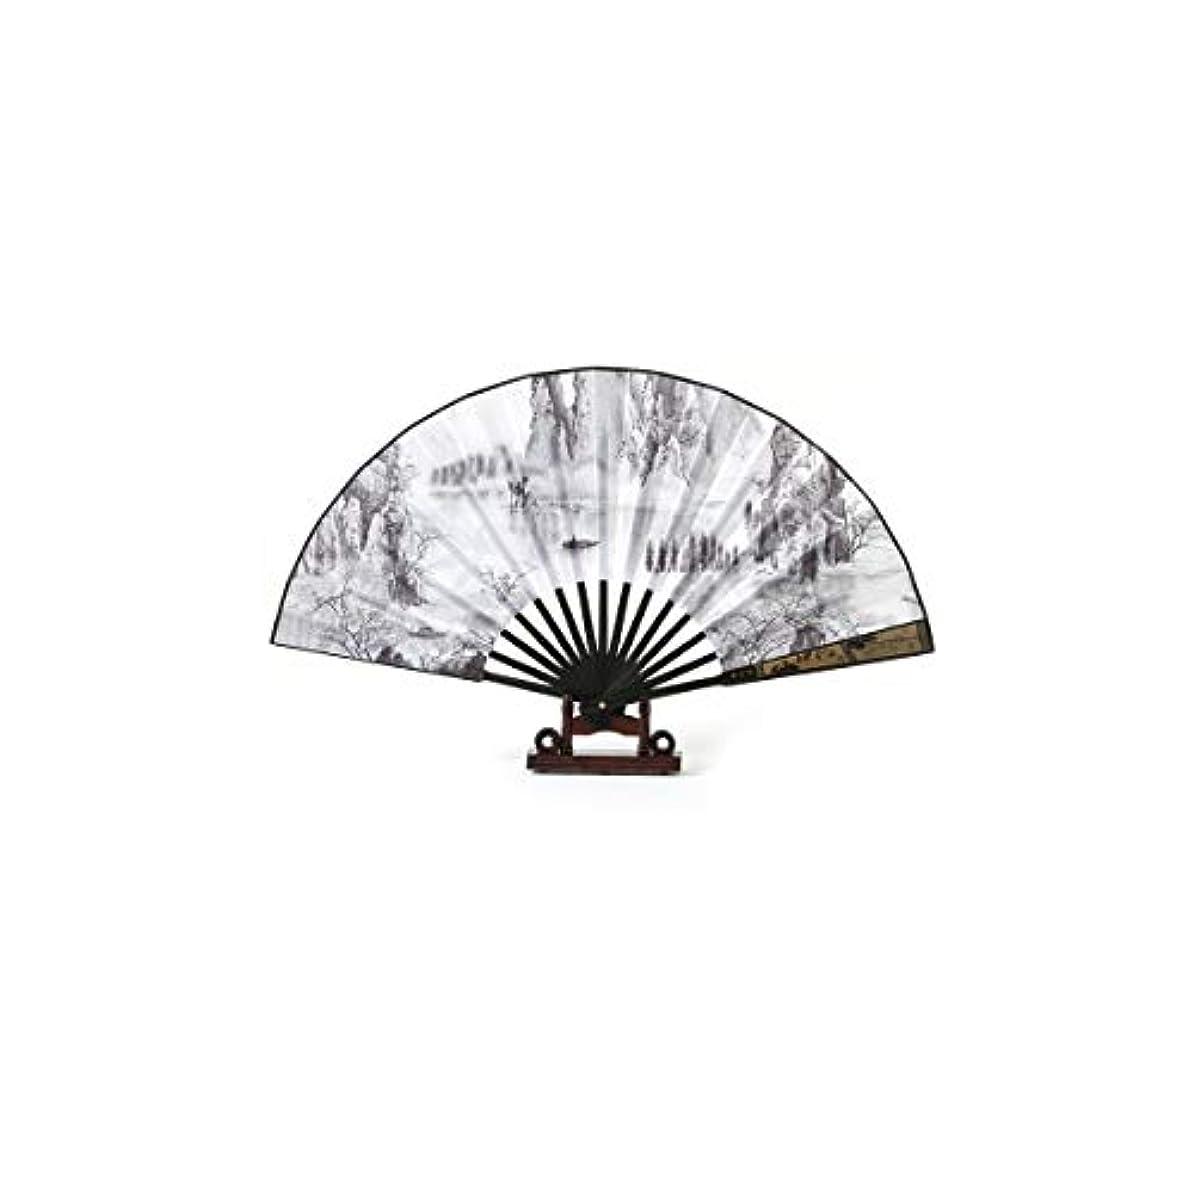 偽物ほこり回転するYougou01 新清アンティーク扇子、リビングルーム、寝室の装飾、誕生日プレゼント、貴族。 、創造的な装飾